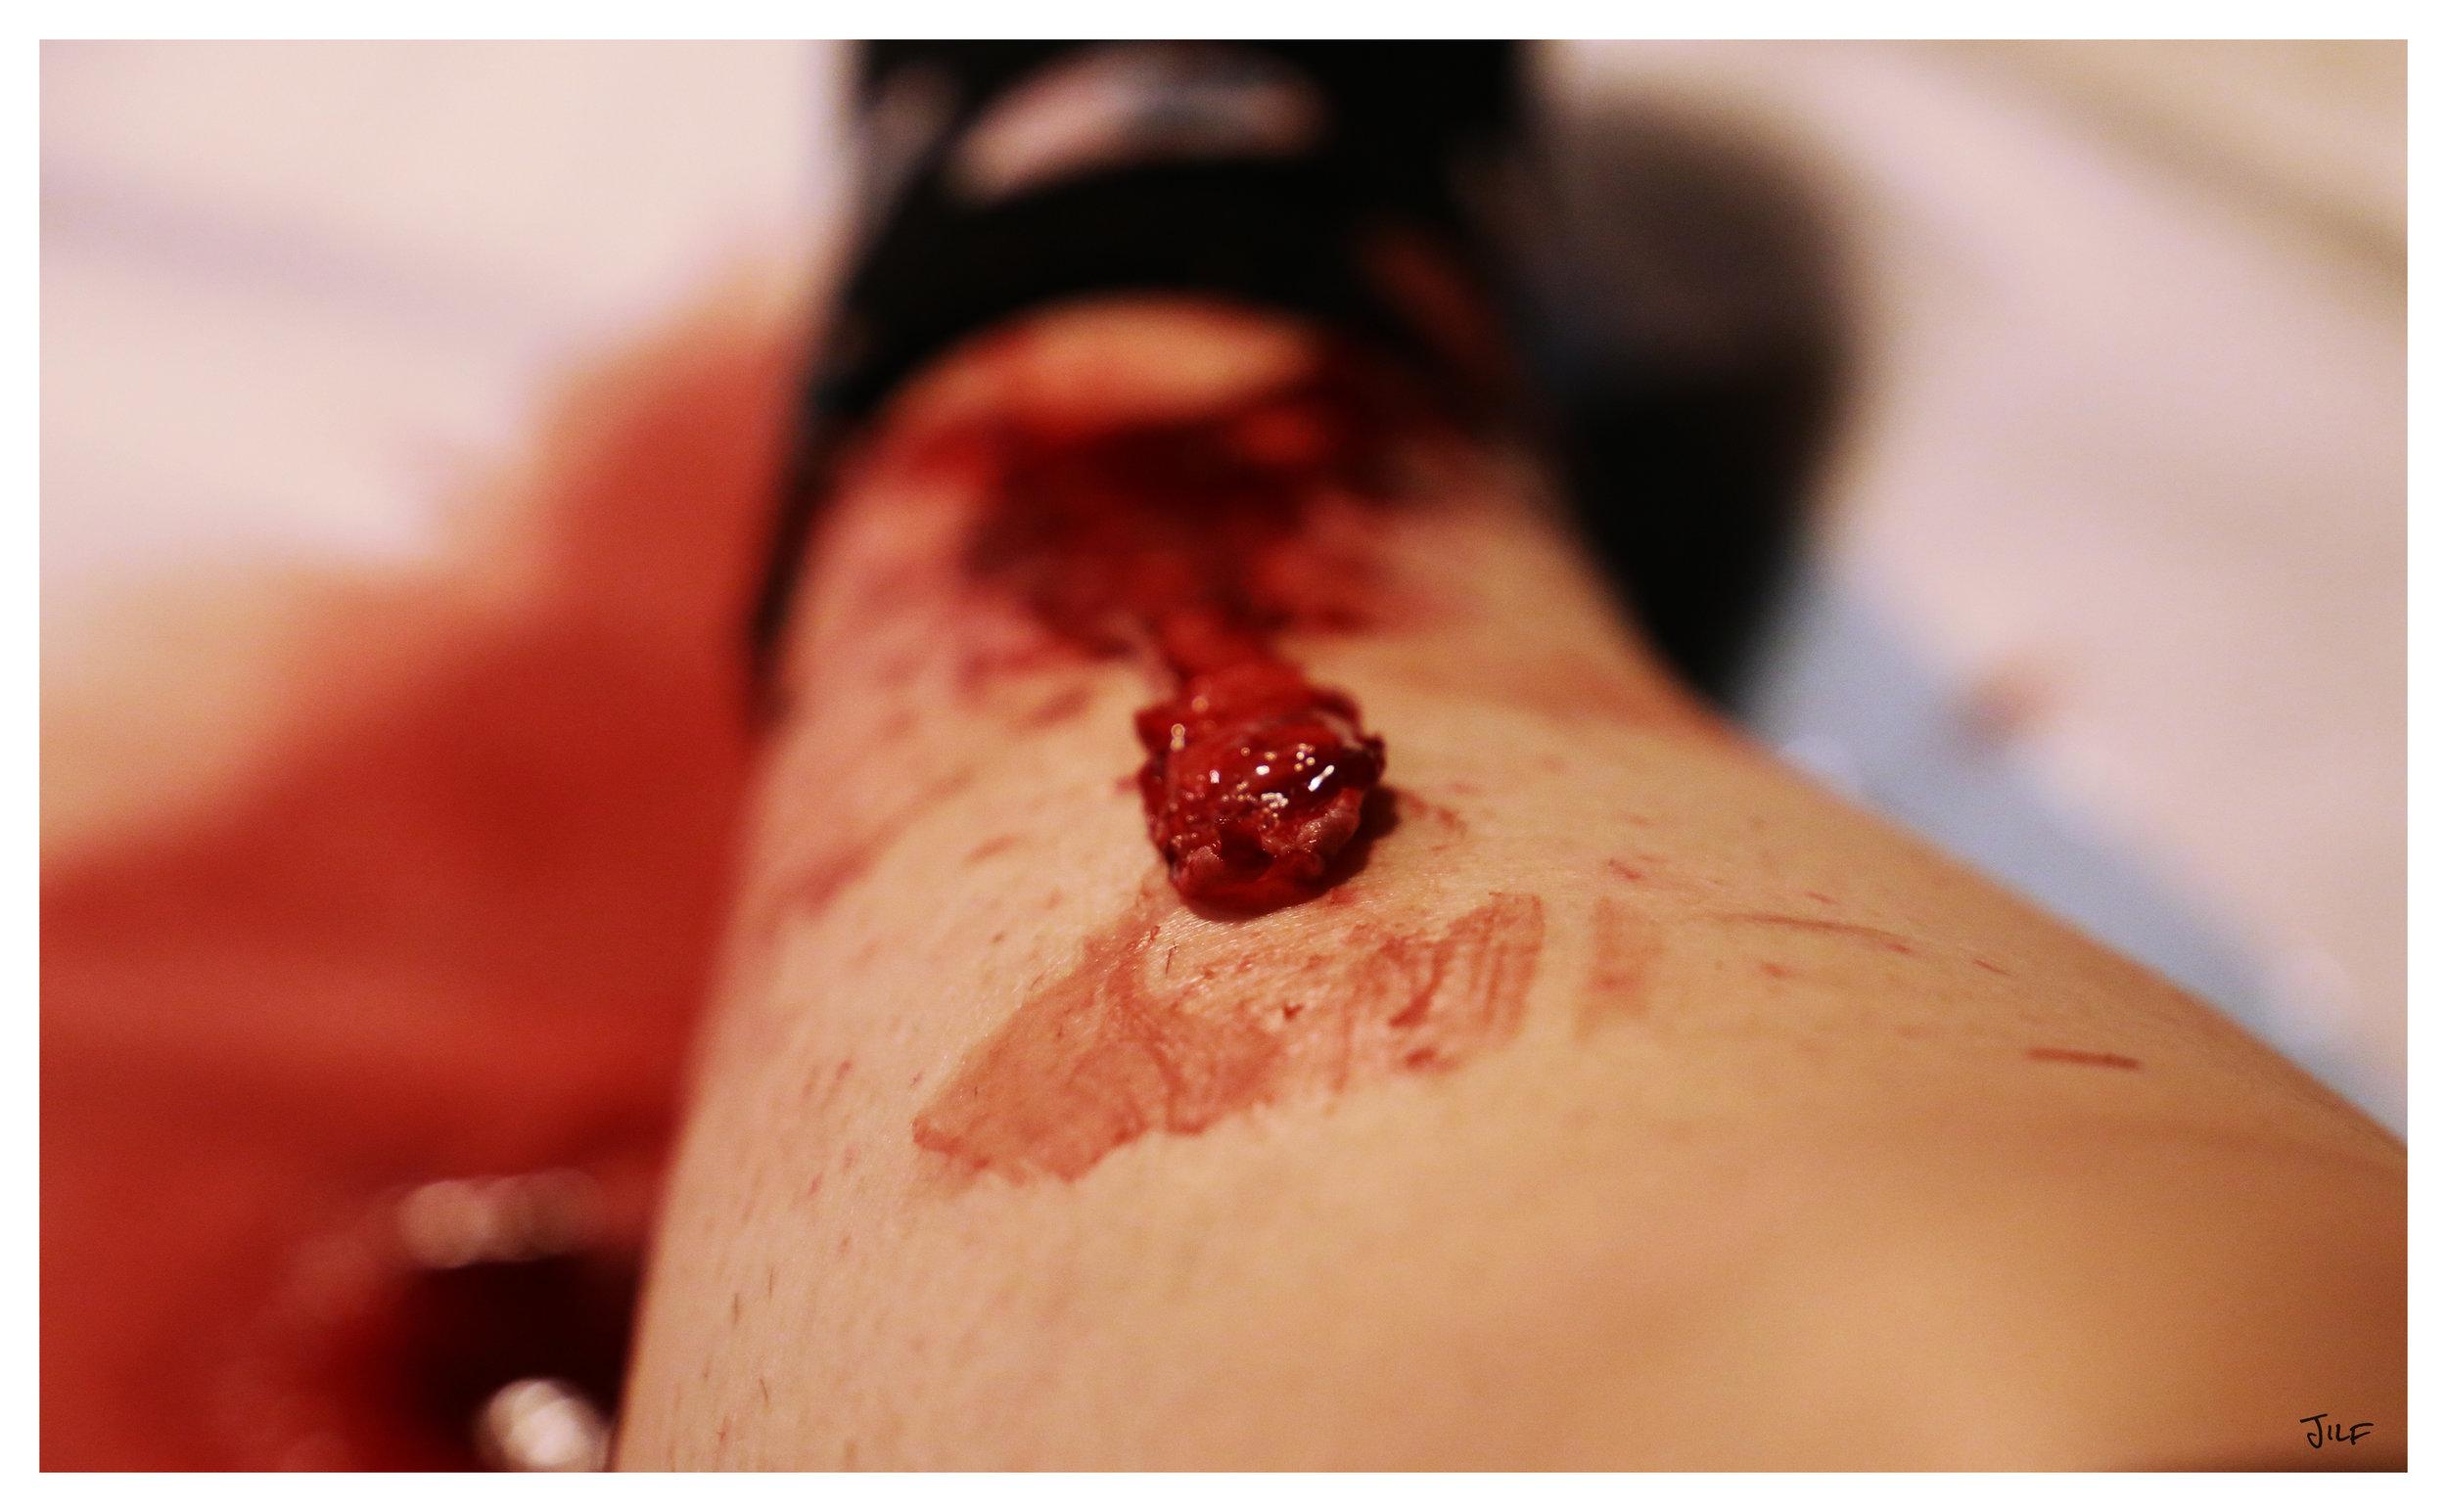 The peeled skin